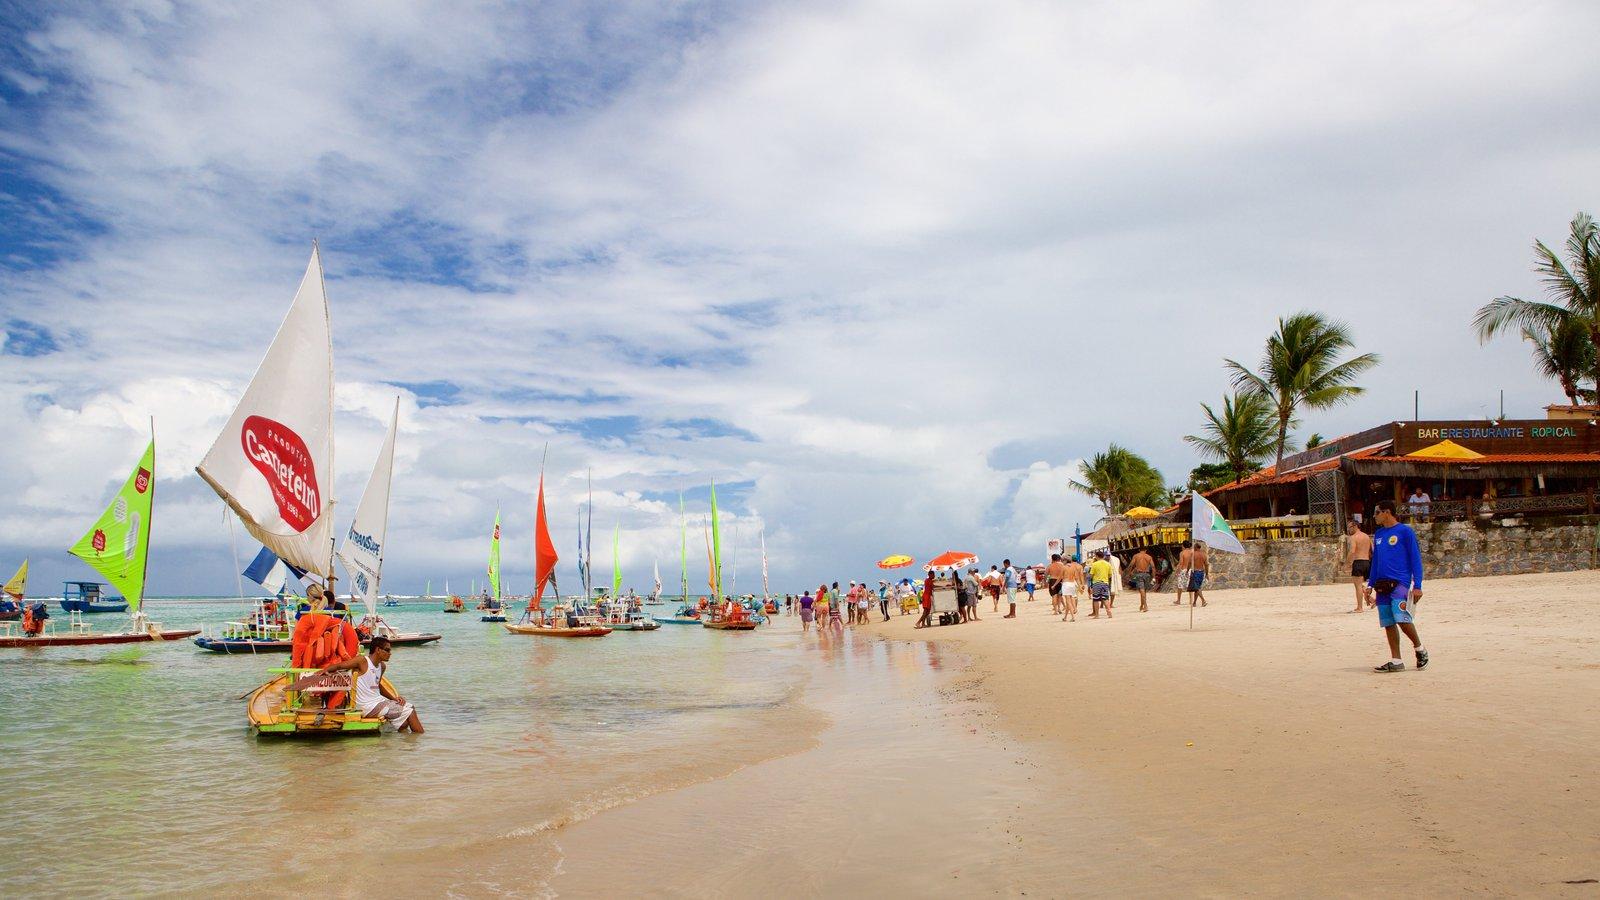 Porto de Galinhas mostrando vela, uma praia e rafting